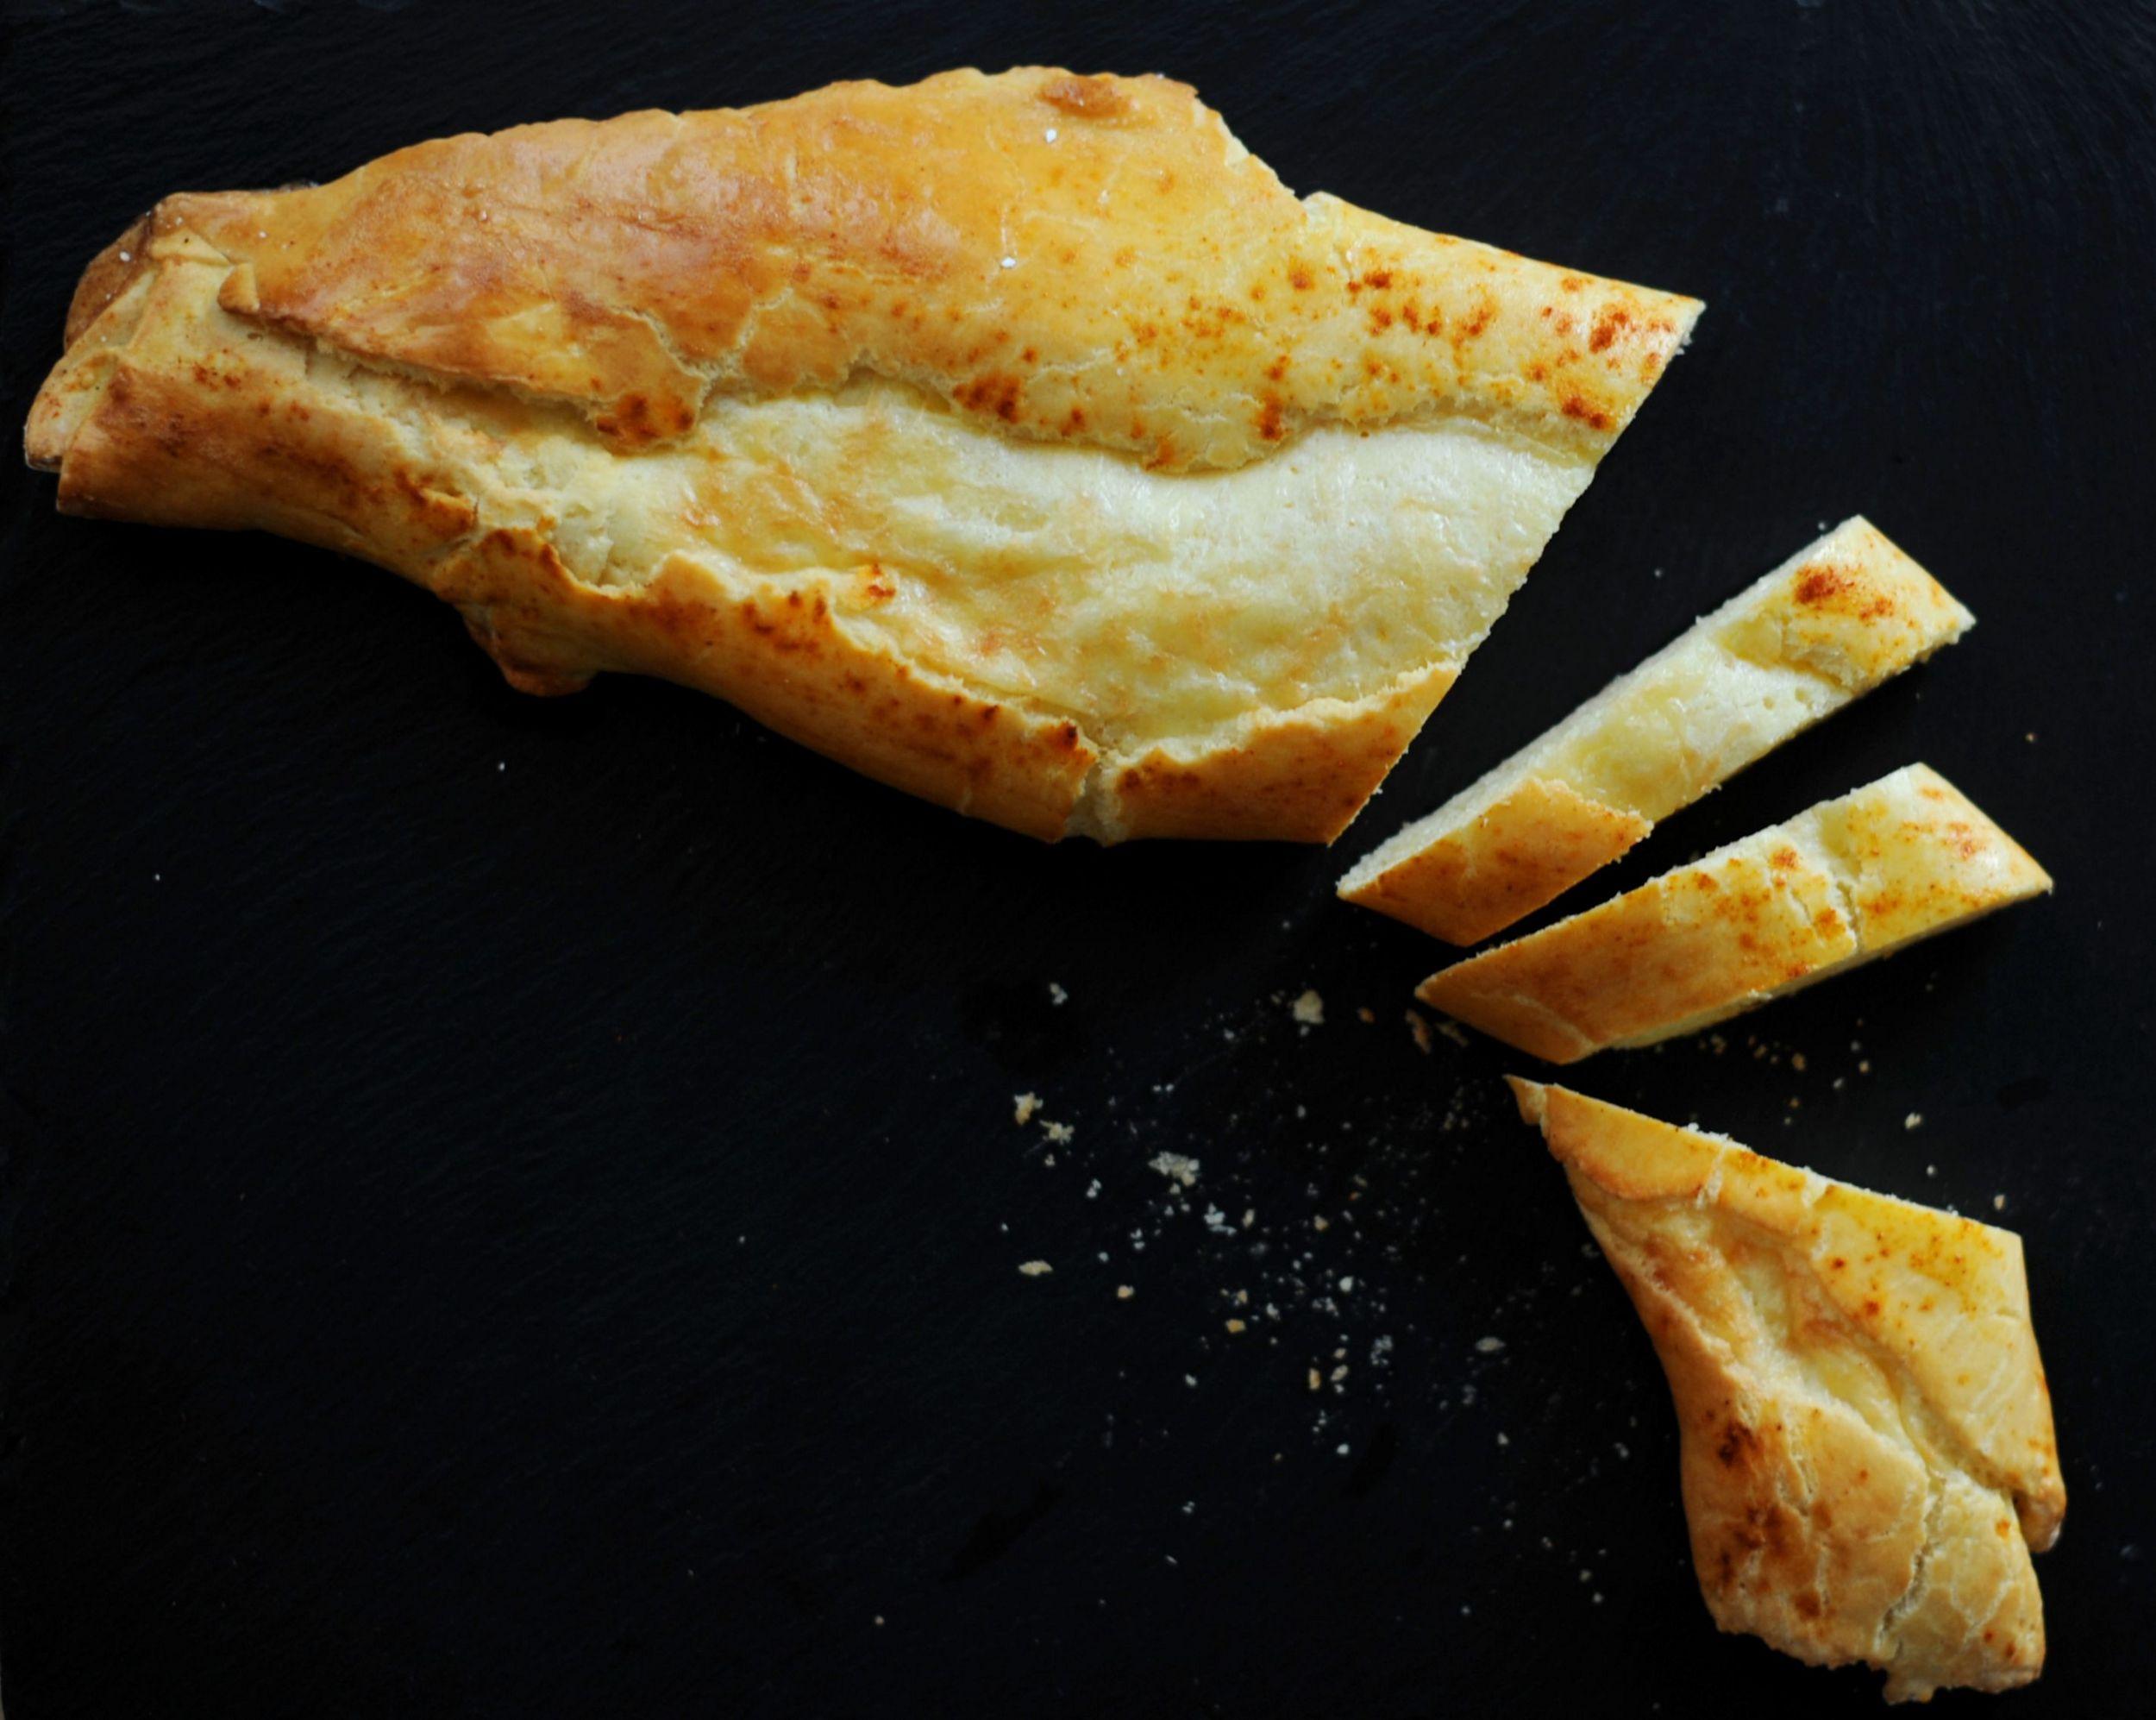 Gluten-free Bolivian Cheese Roll (Rollo de Queso sin gluten)